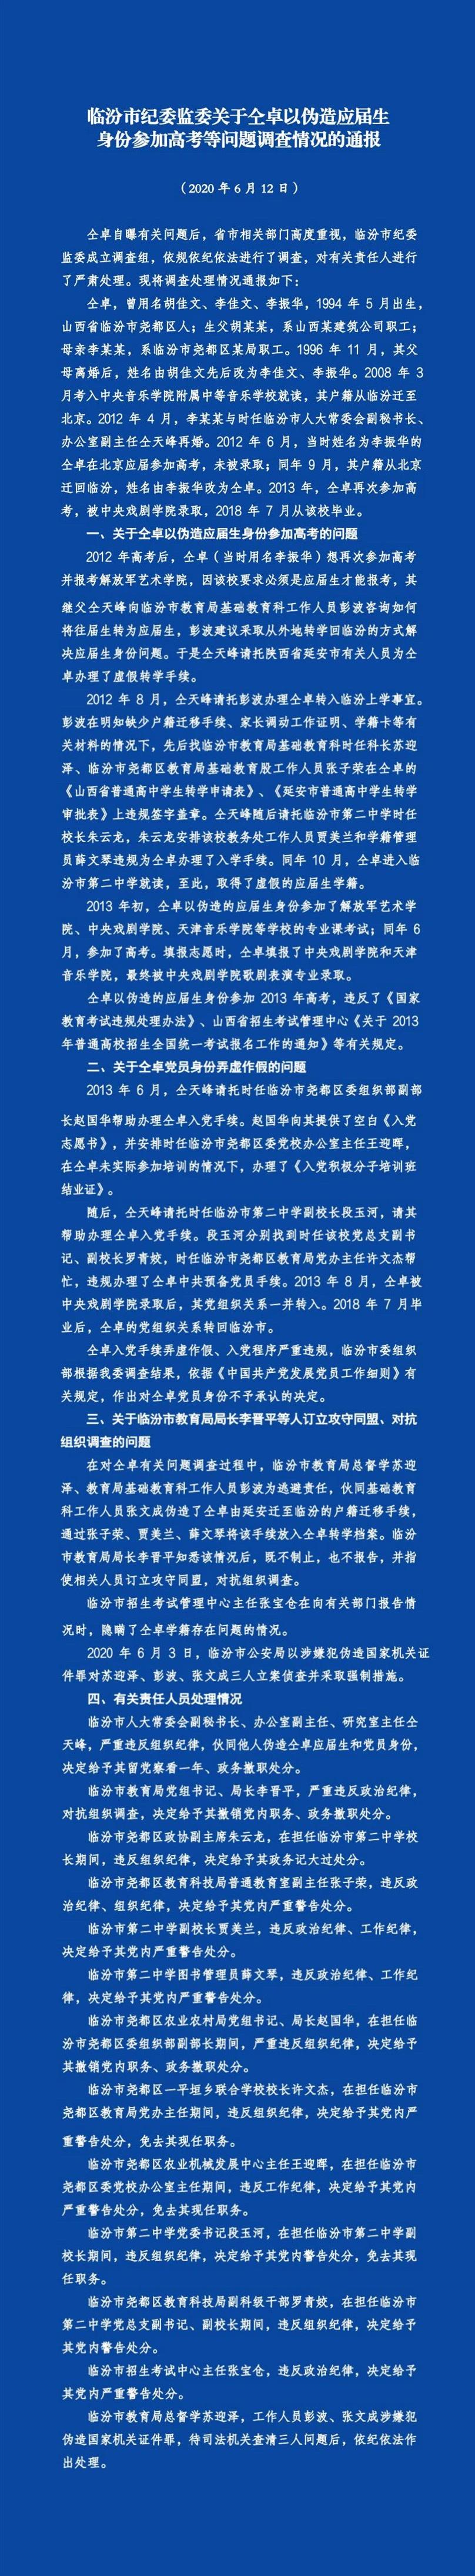 欧博代理:官方披露仝卓高考舞弊事宜:成就无效 其父被革职 第3张